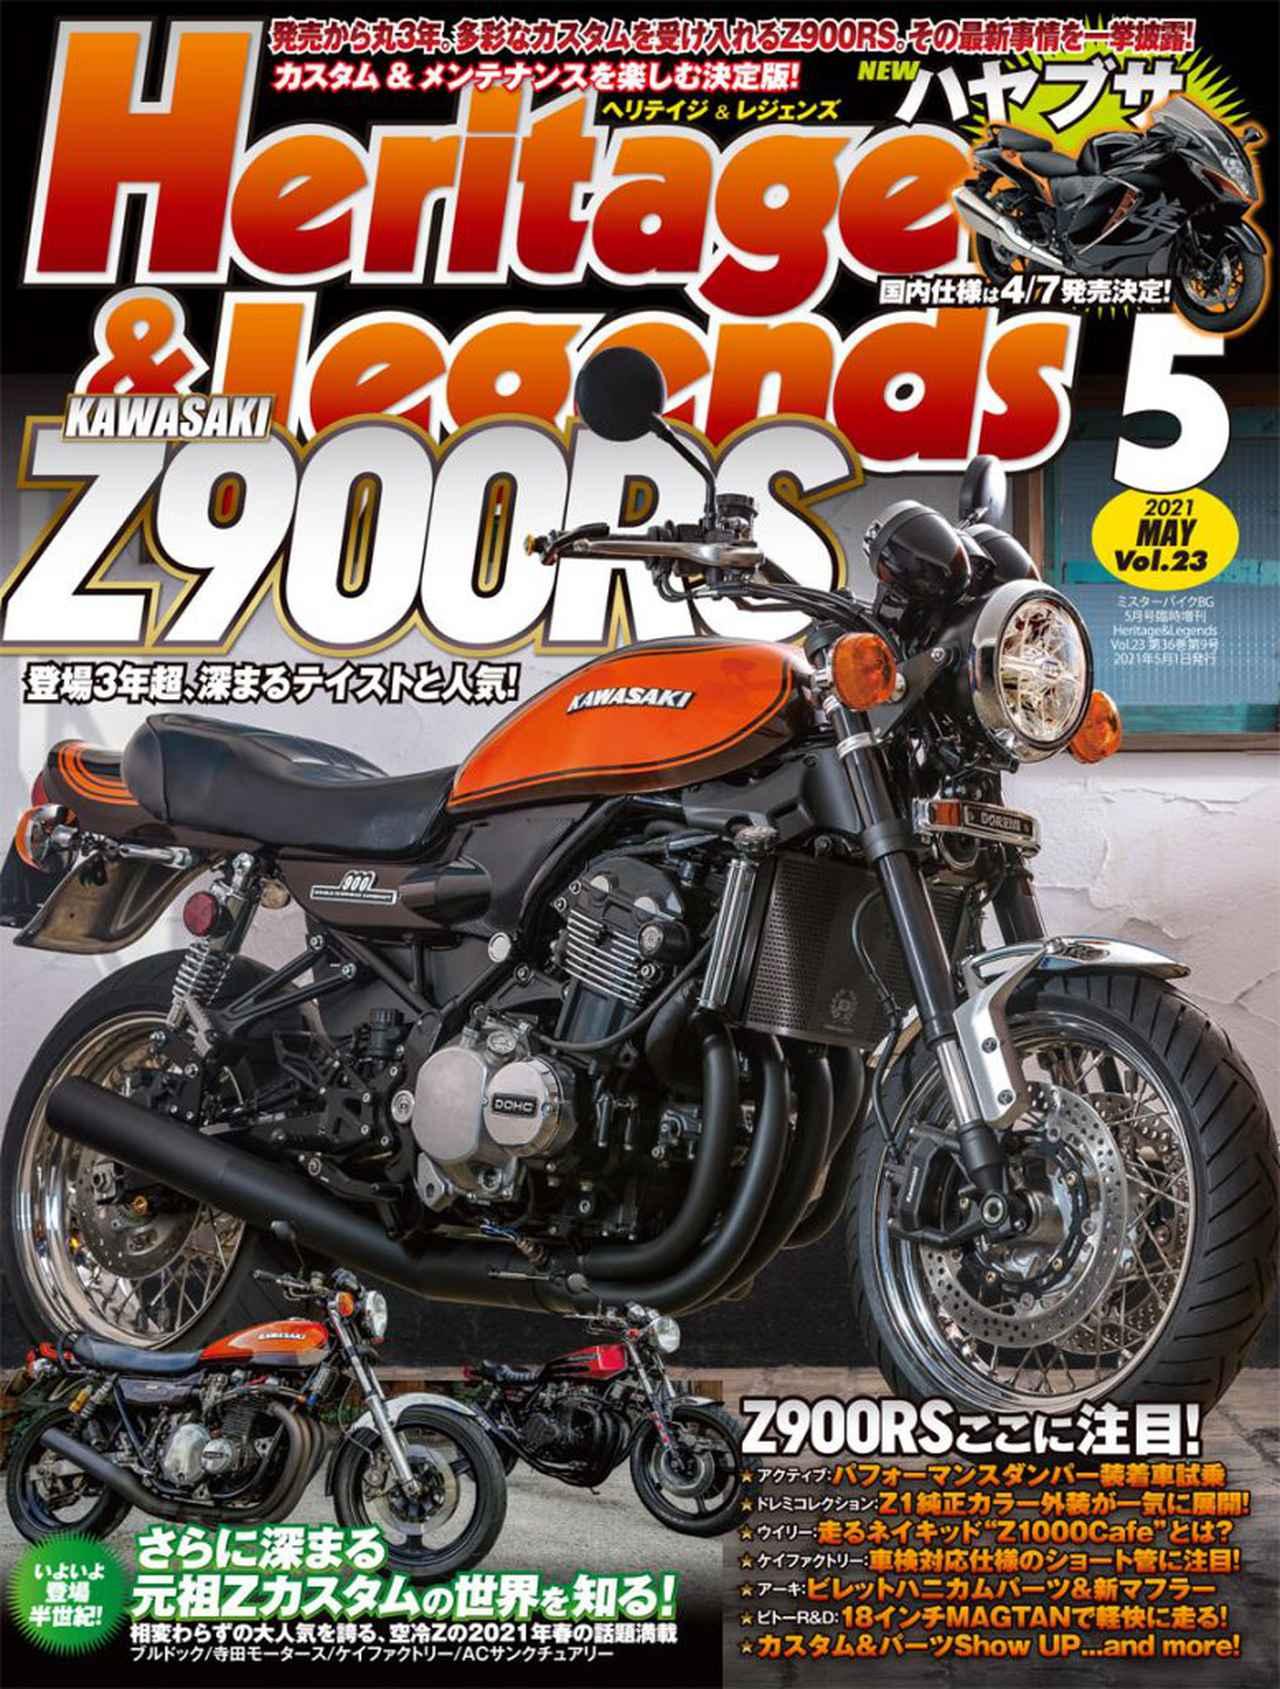 画像: 月刊『ヘリテイジ&レジェンズ』2021年5月号(Vol.23)好評発売中!| ヘリテイジ&レジェンズ|Heritage& Legends